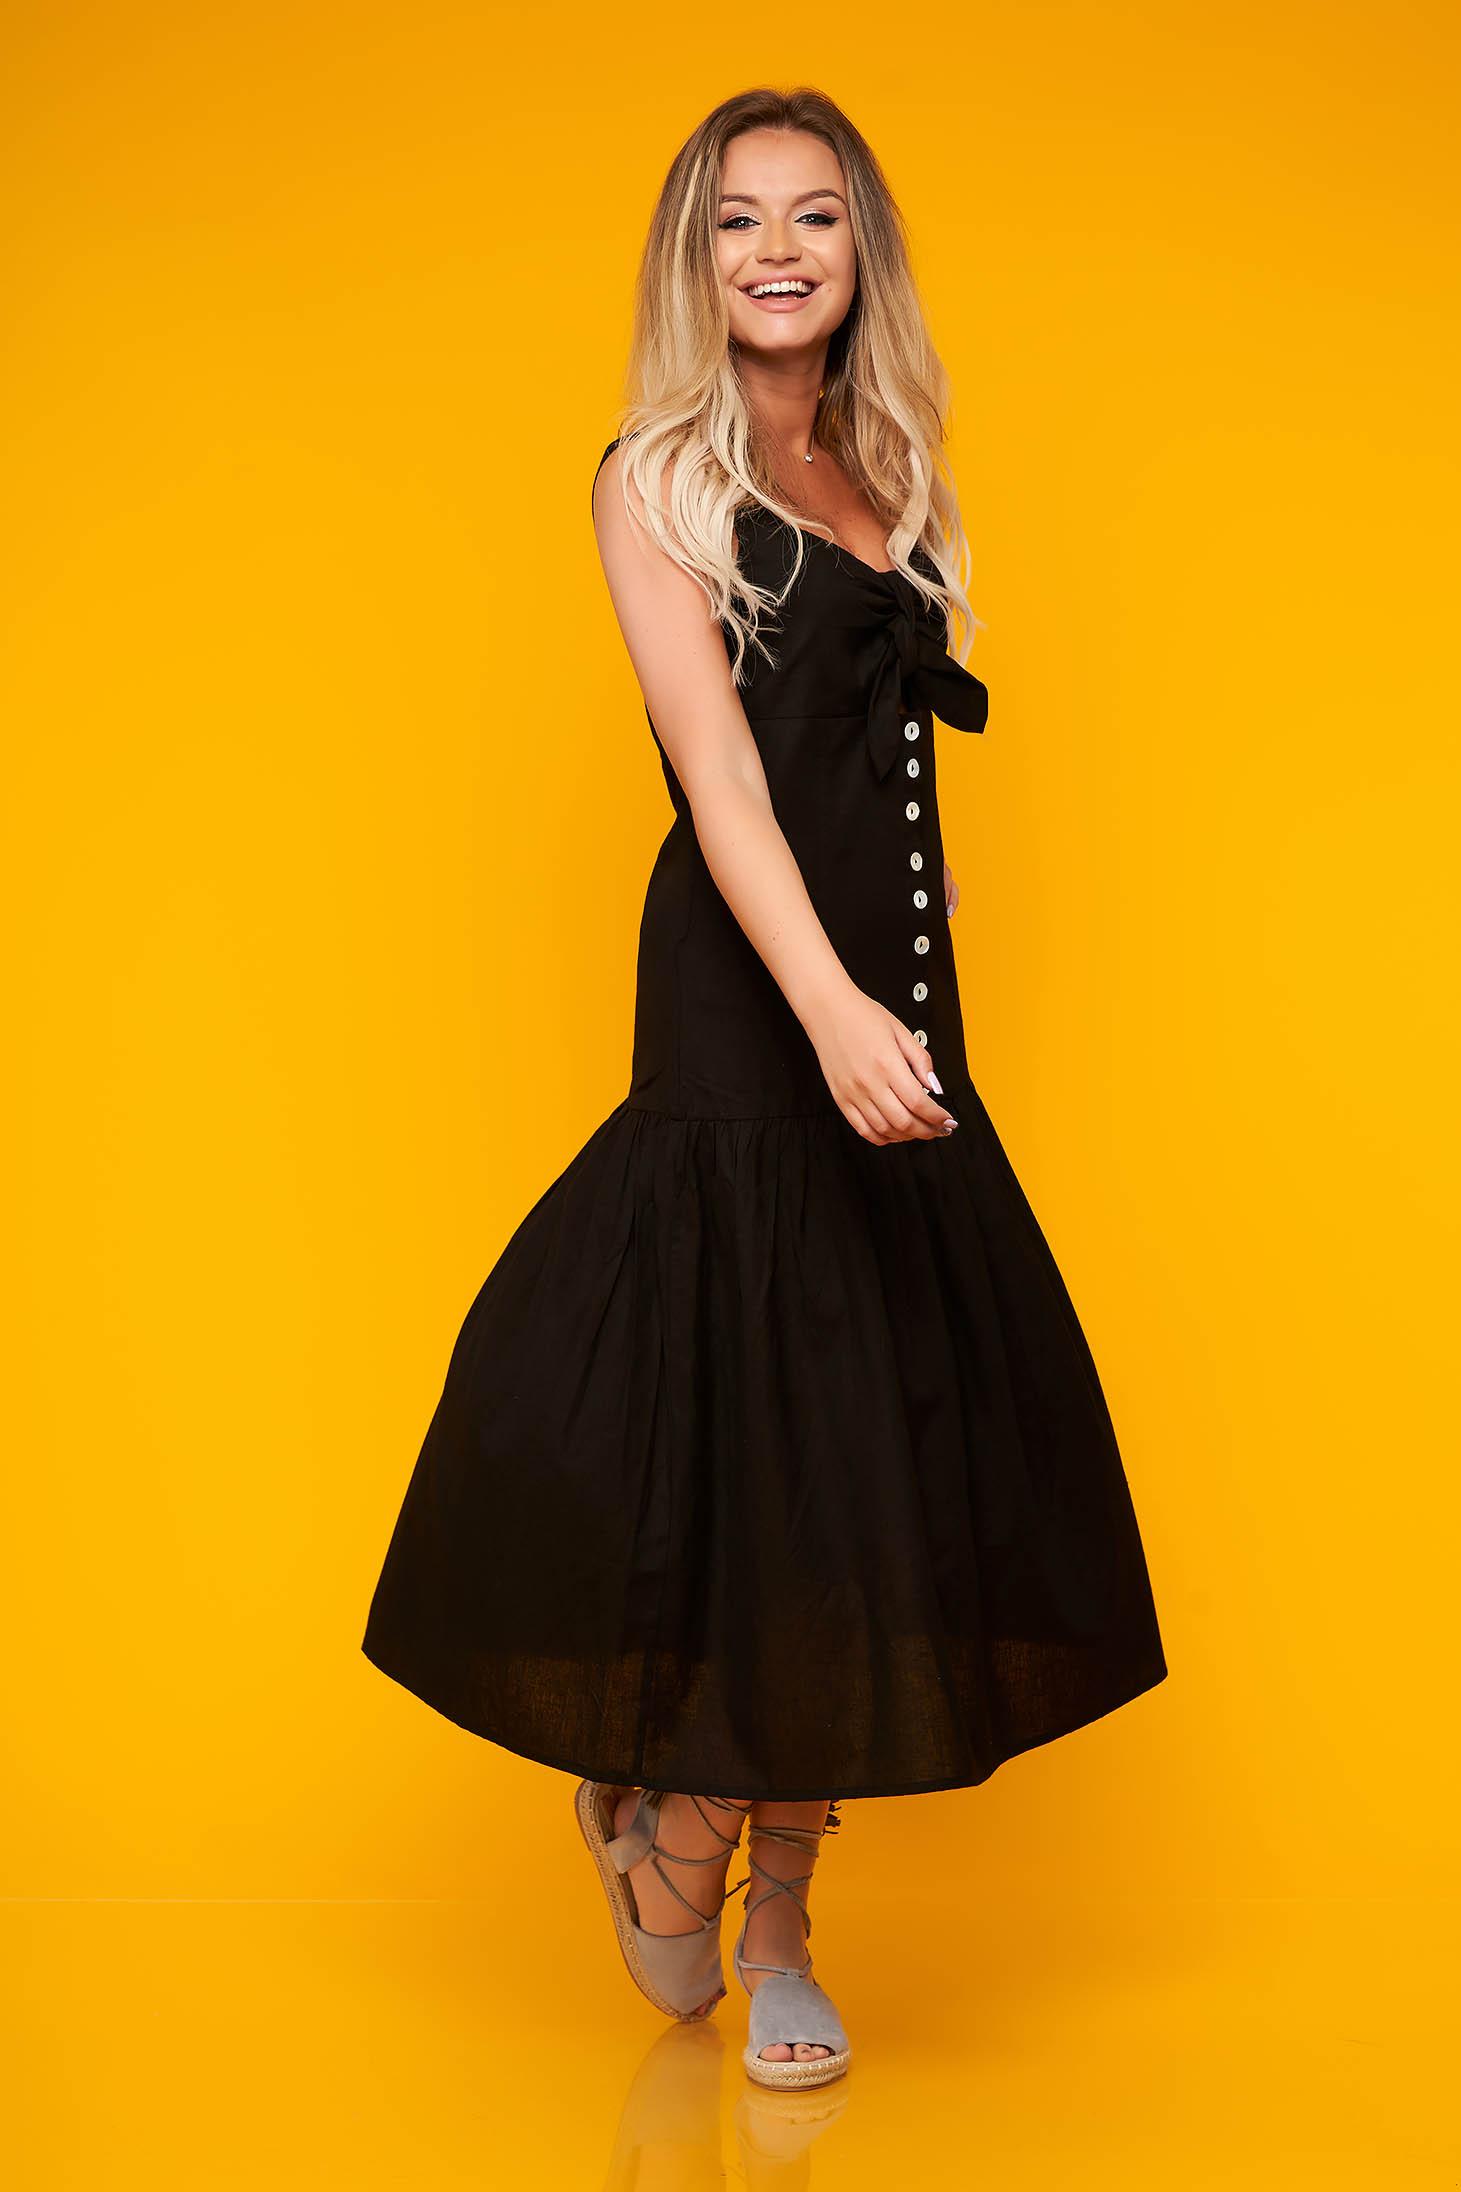 Fekete Top Secret hétköznapi harang ruha nem elasztikus pamut v-dekoltázzsal gomb kiegészítőkkel